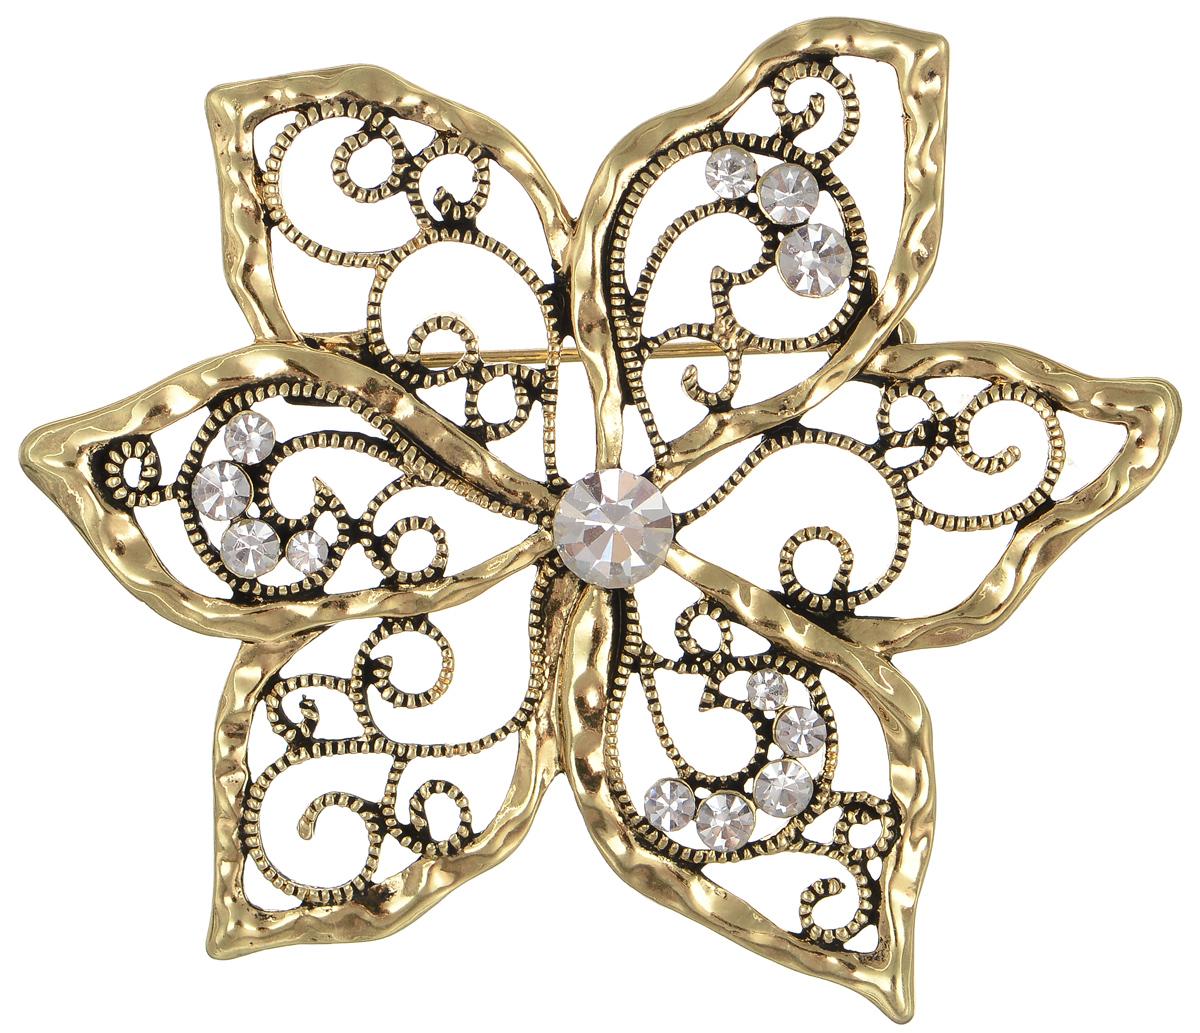 Брошь Selena Street Fashion, цвет: золотистый. 3002647030026470Роскошная брошь Selena Street Fashion изготовлена из металла с золотистым покрытием в виде цветка. Брошь оформлена кристаллами Preciosa. Изделие крепится с помощью замка-булавки. Такая брошь позволит вам с легкостью воплотить самую смелую фантазию и создать собственный неповторимый образ.